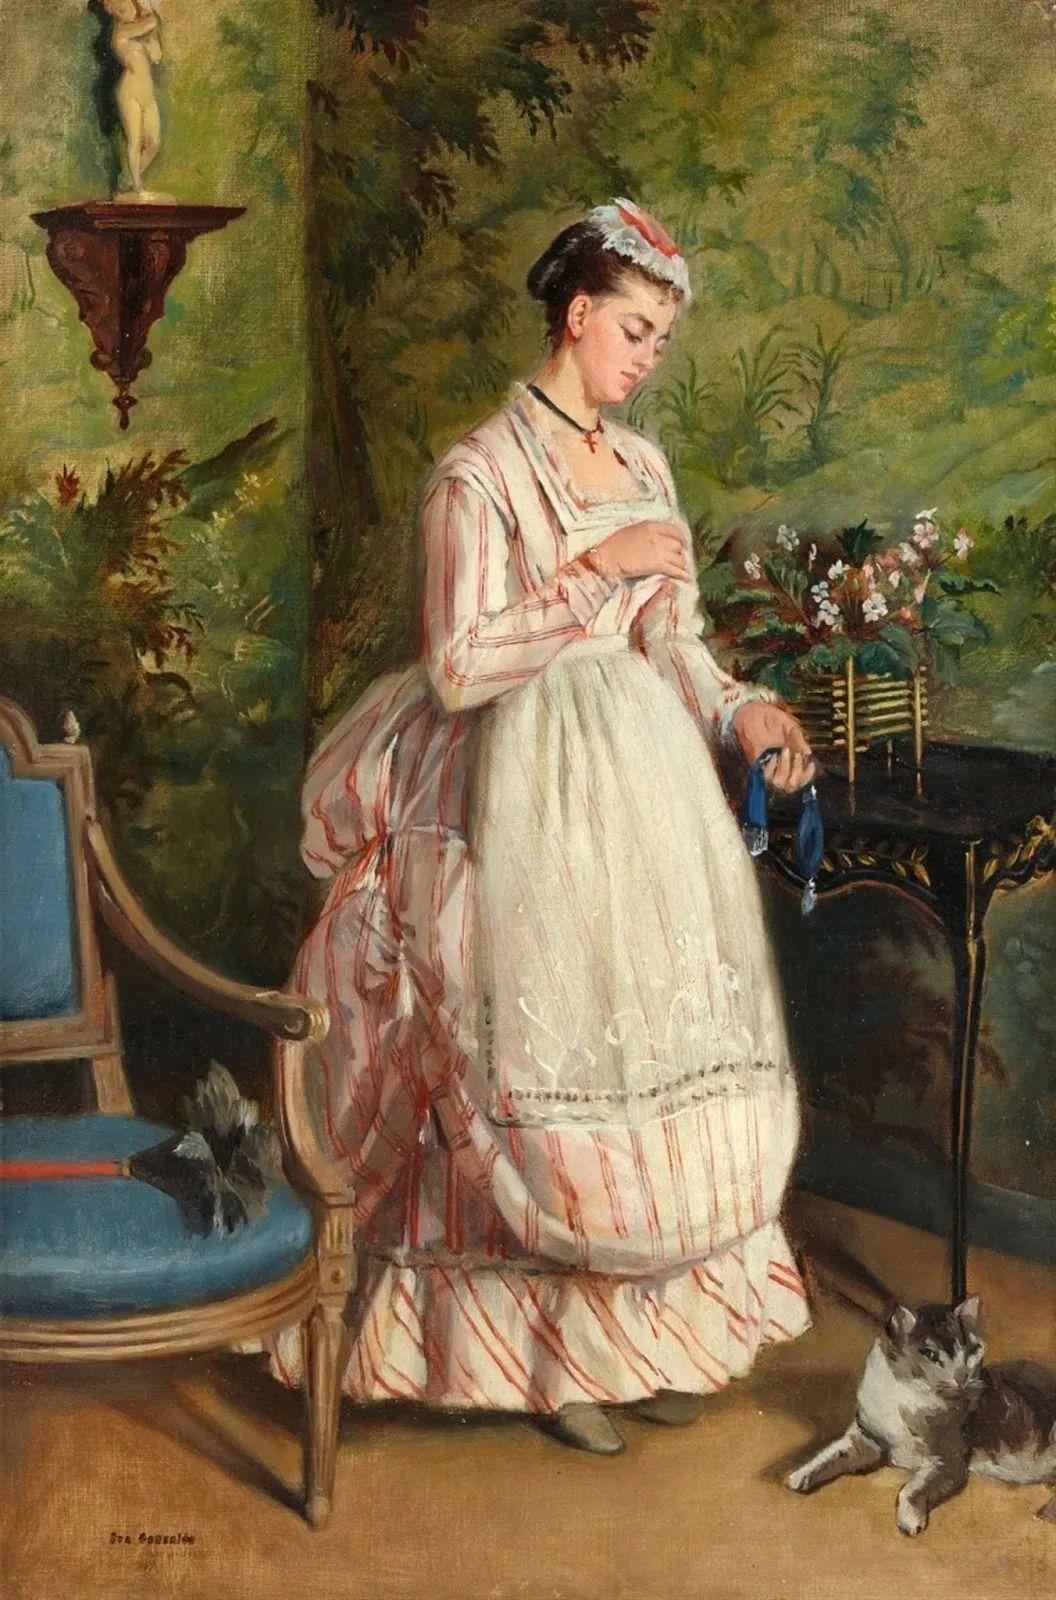 伊娃·冈萨雷斯,19世纪法国印象派女画家插图29